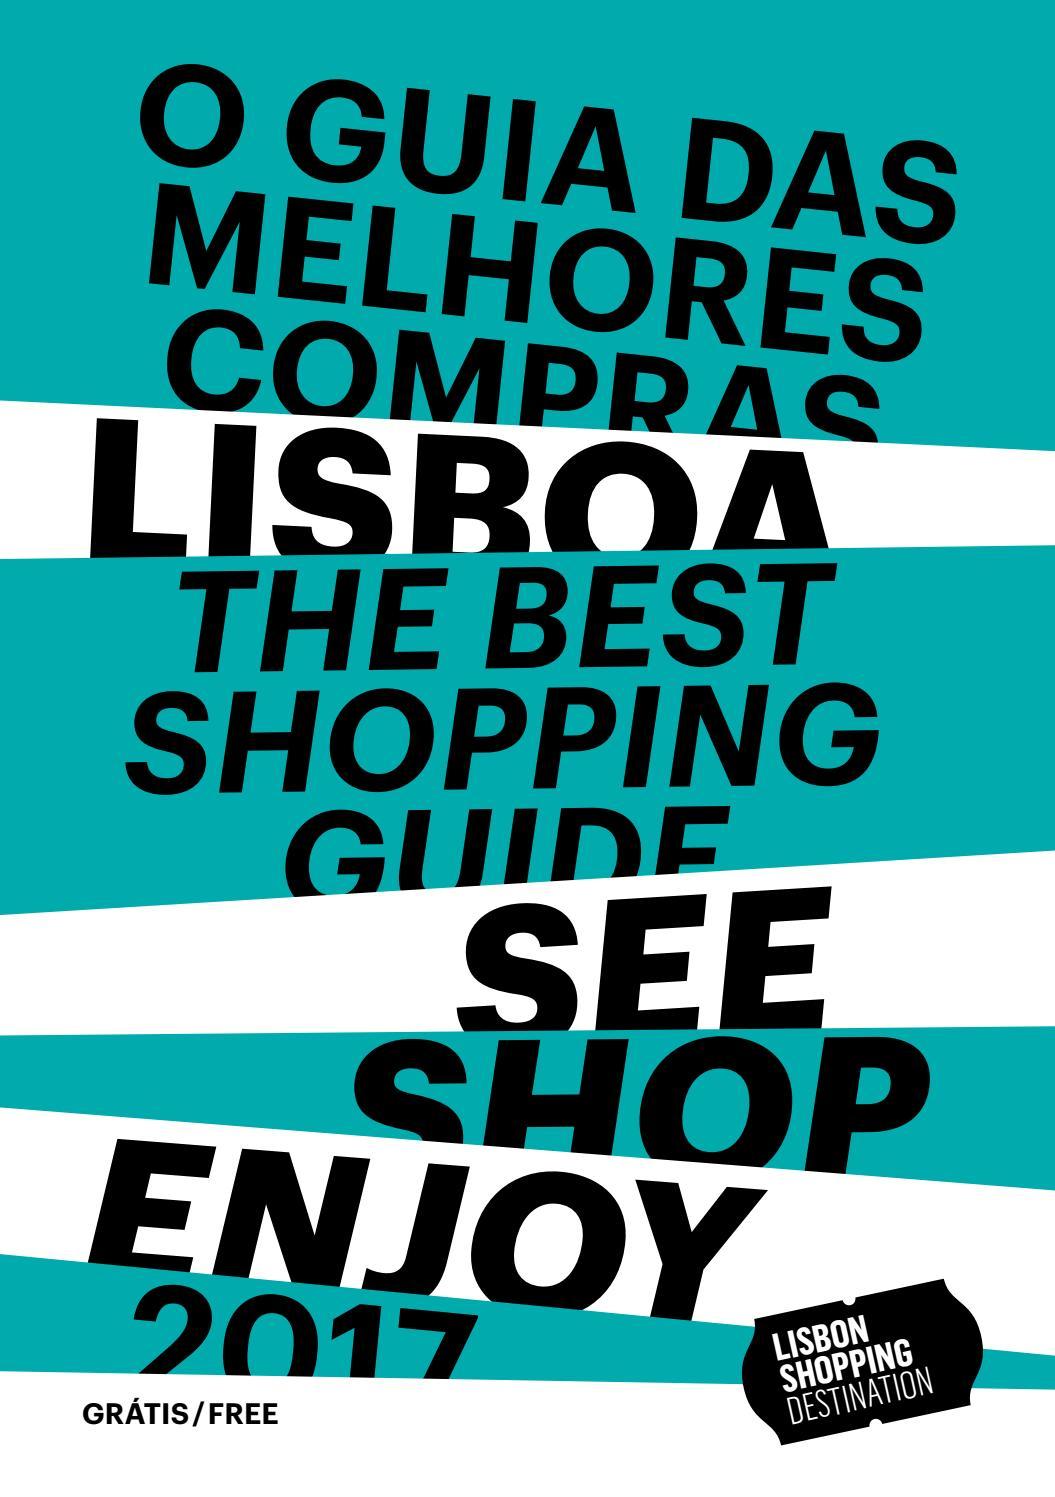 Guia das Melhores Compras Lisbon Shopping Destination 2017